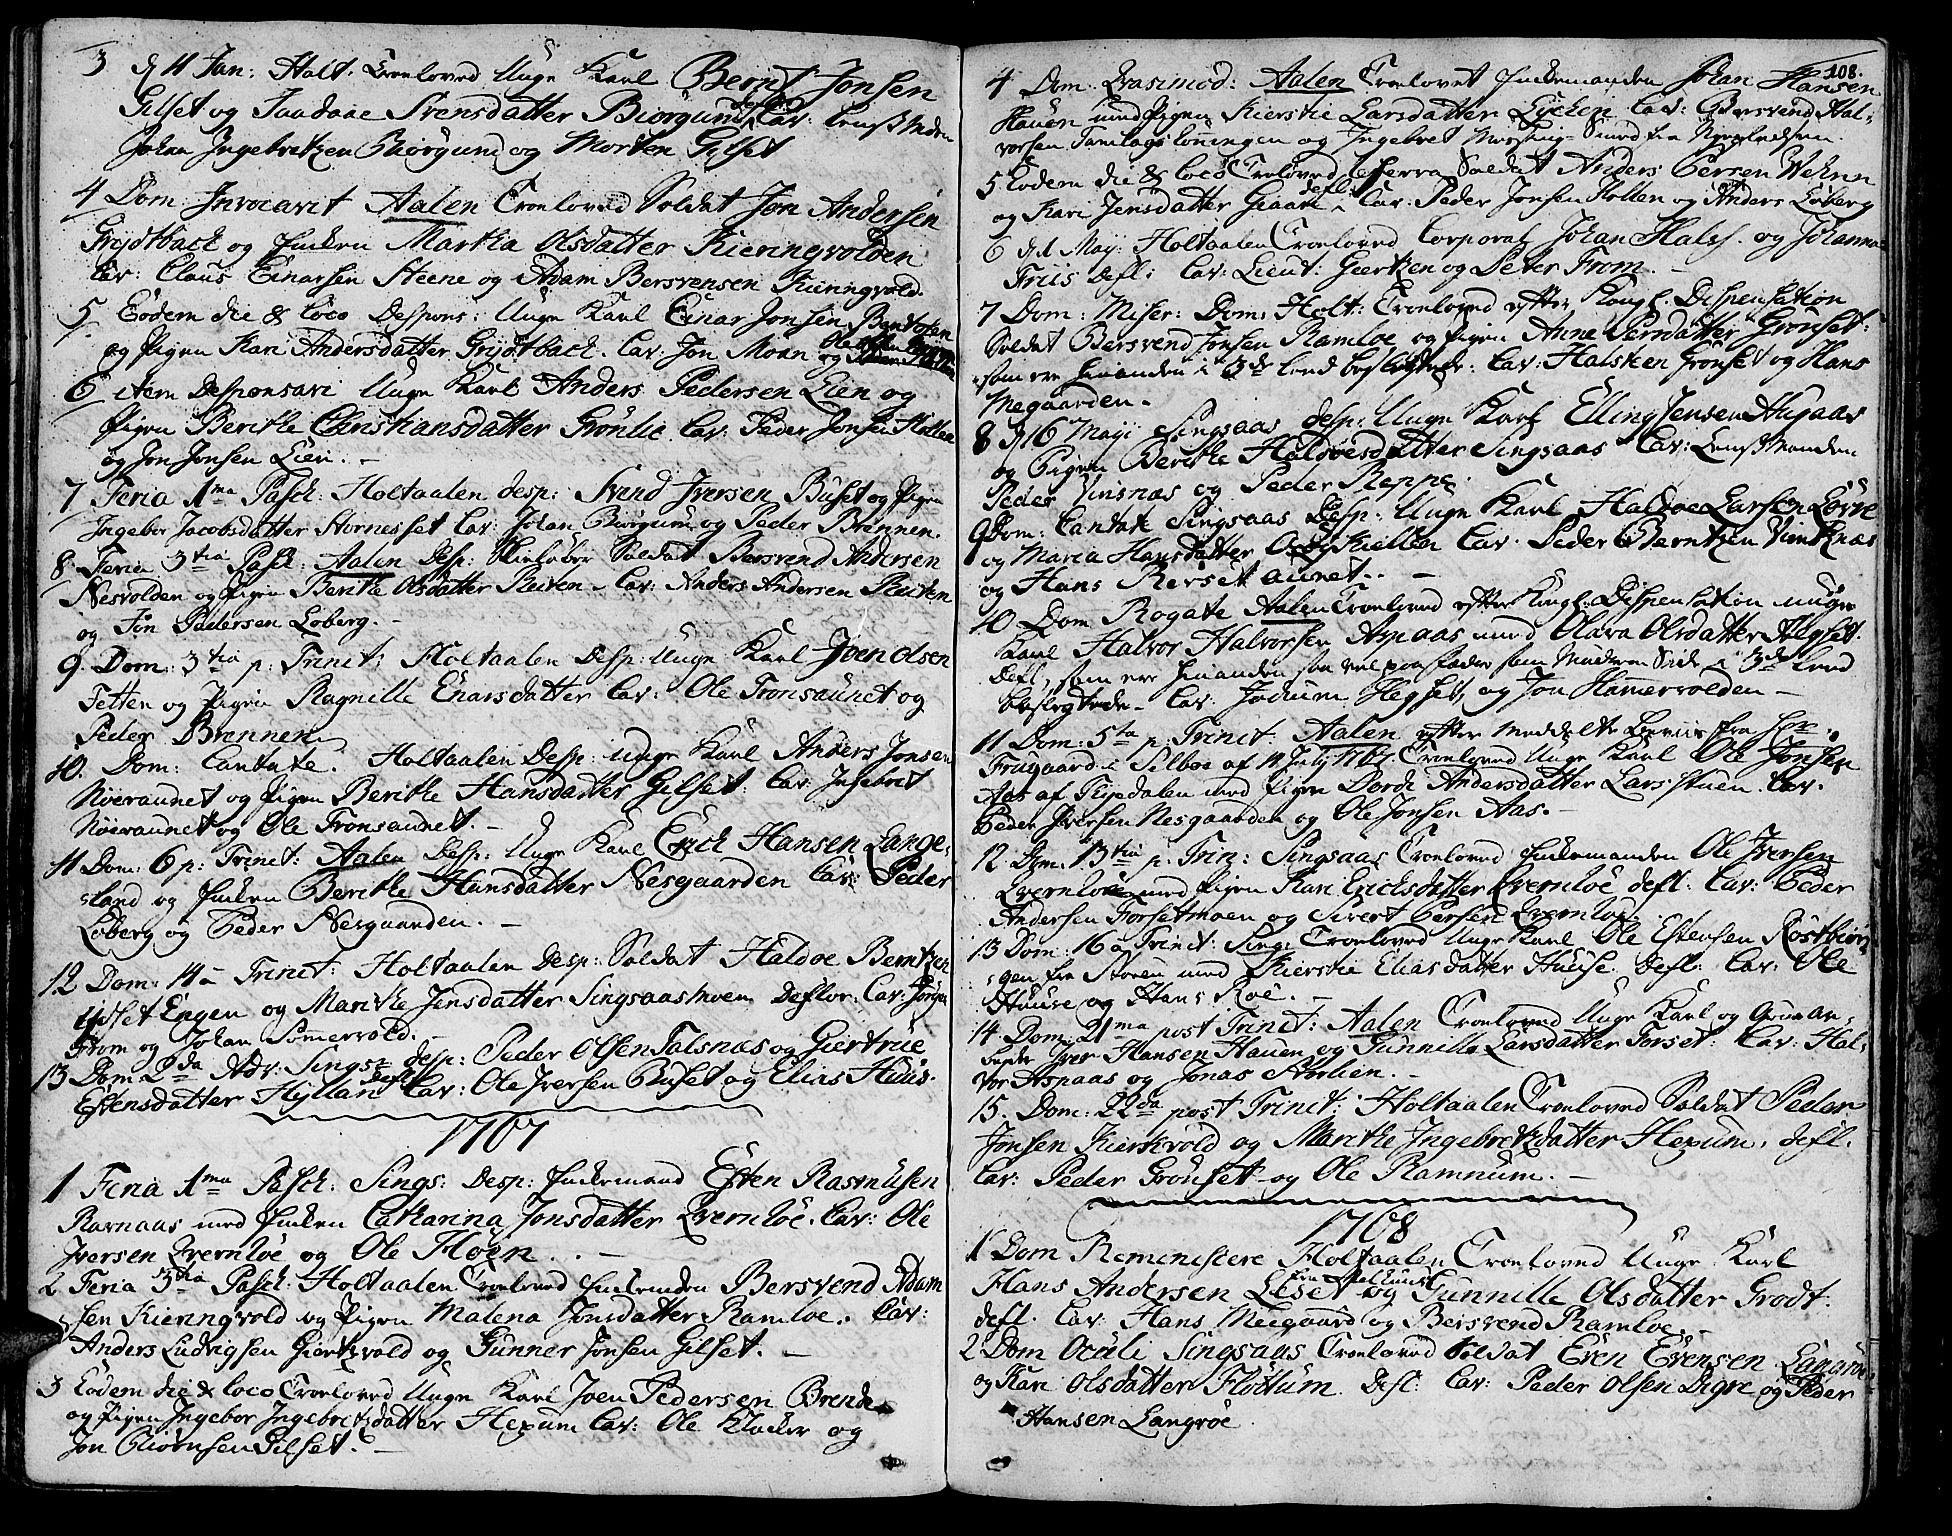 SAT, Ministerialprotokoller, klokkerbøker og fødselsregistre - Sør-Trøndelag, 685/L0952: Ministerialbok nr. 685A01, 1745-1804, s. 108